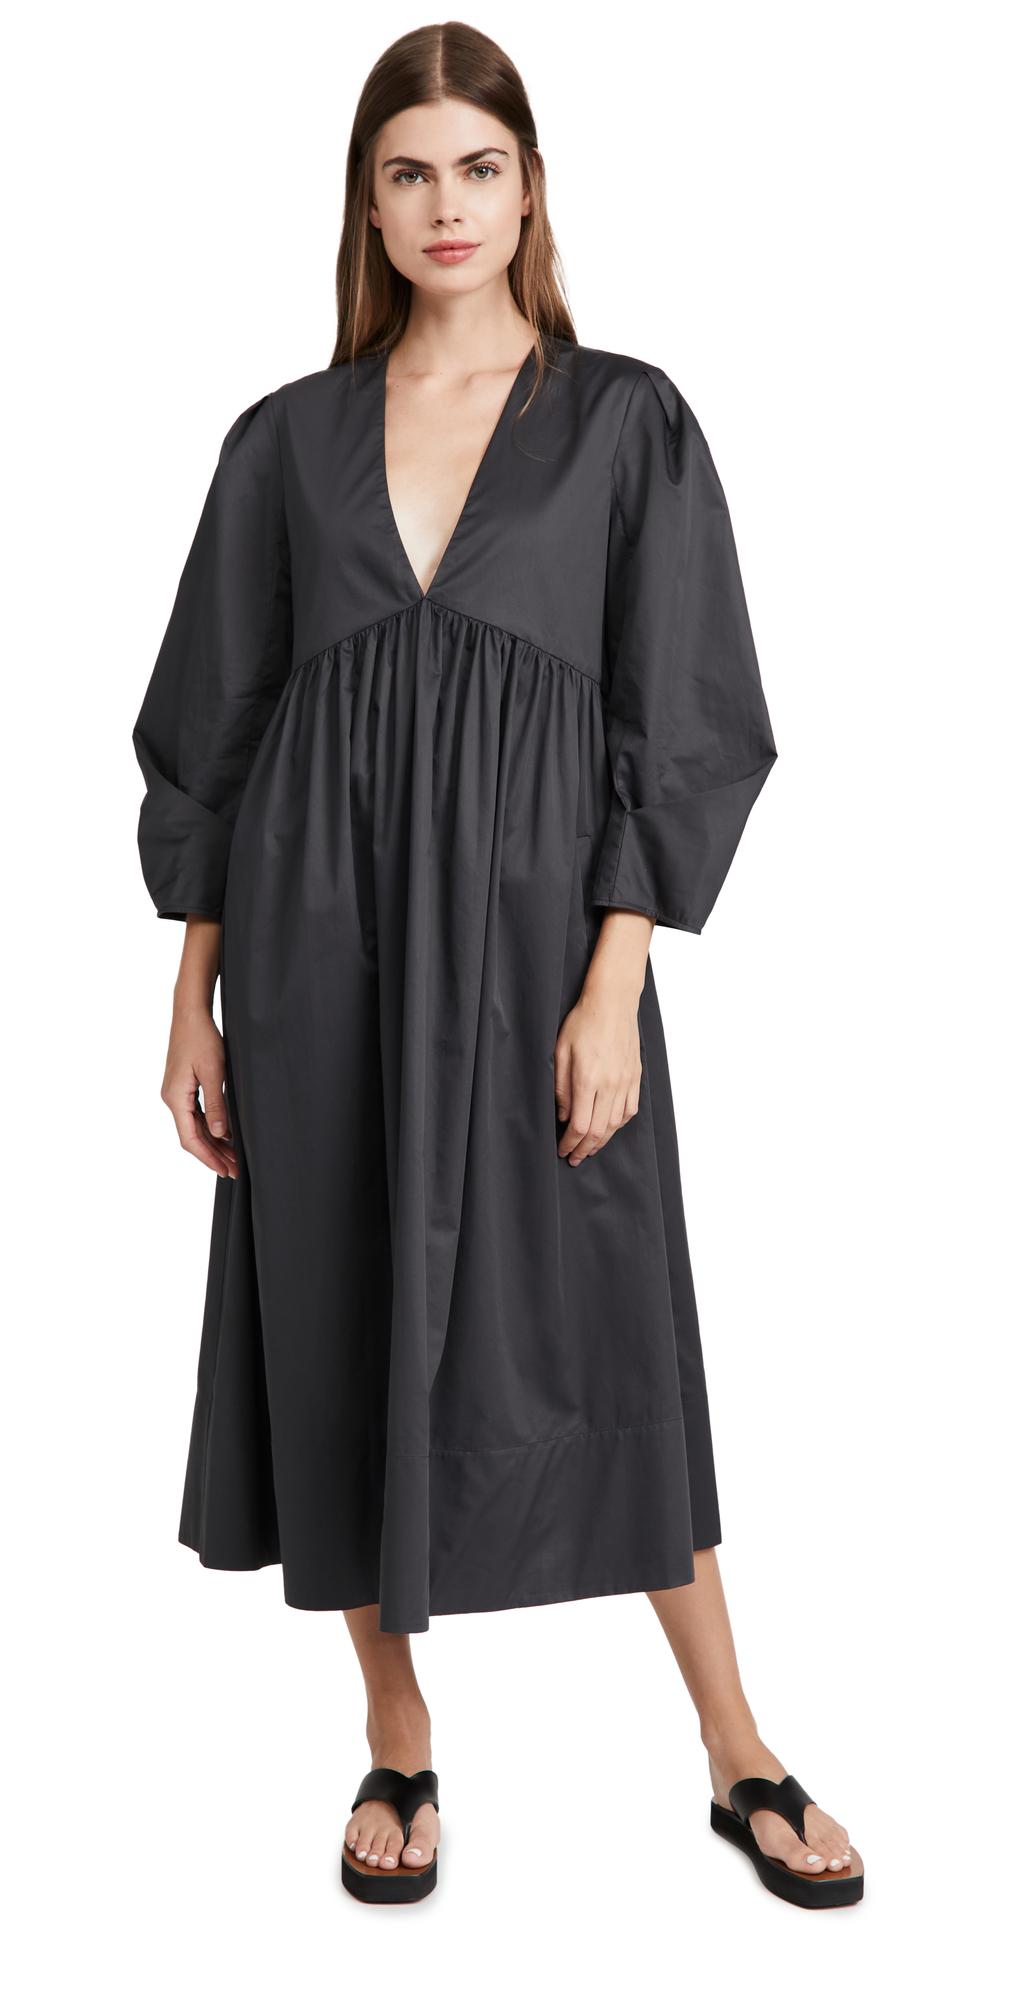 Tibi Eco Poplin Pleat Sleeve Dress